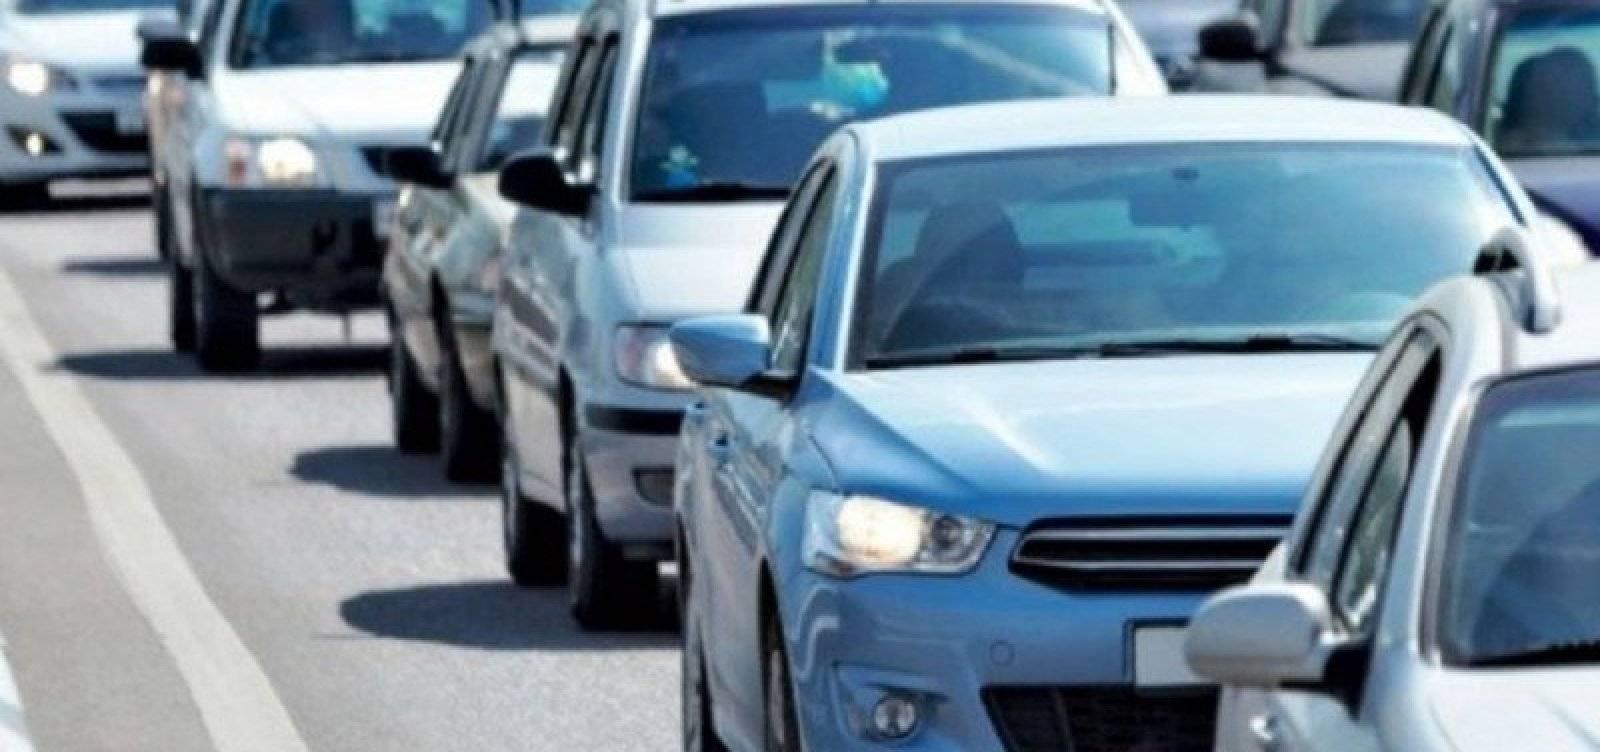 Motoristas podem pagar IPVA com 10% de desconto até 10 de fevereiro